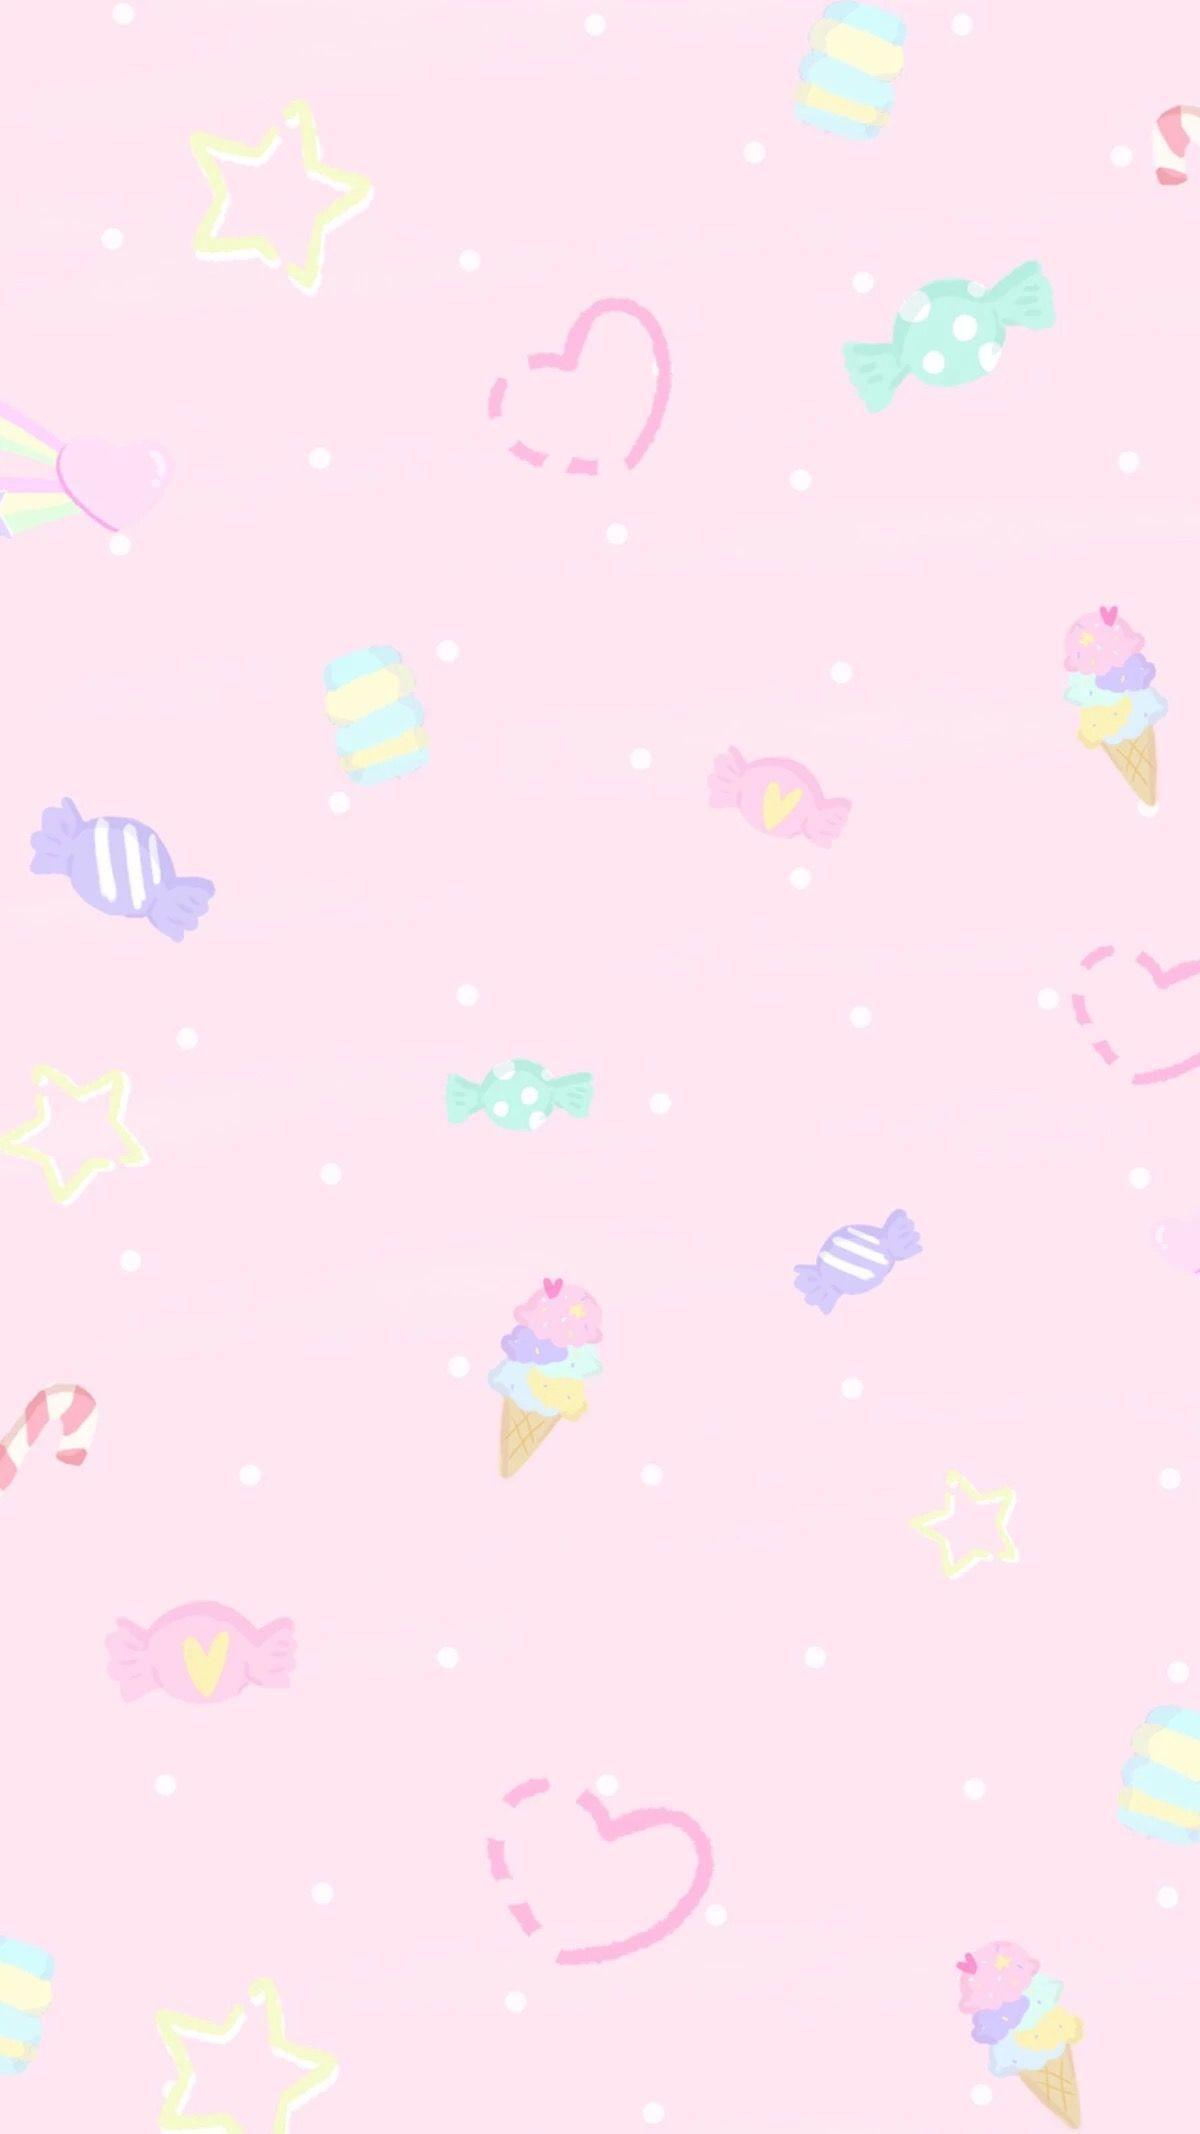 Kawaii Pastel Pink Background : kawaii, pastel, background, Pastel, Kawaii, Backgrounds, Wallpaper, Ponsel,, Ilustrasi,, Ilustrasi, Poster